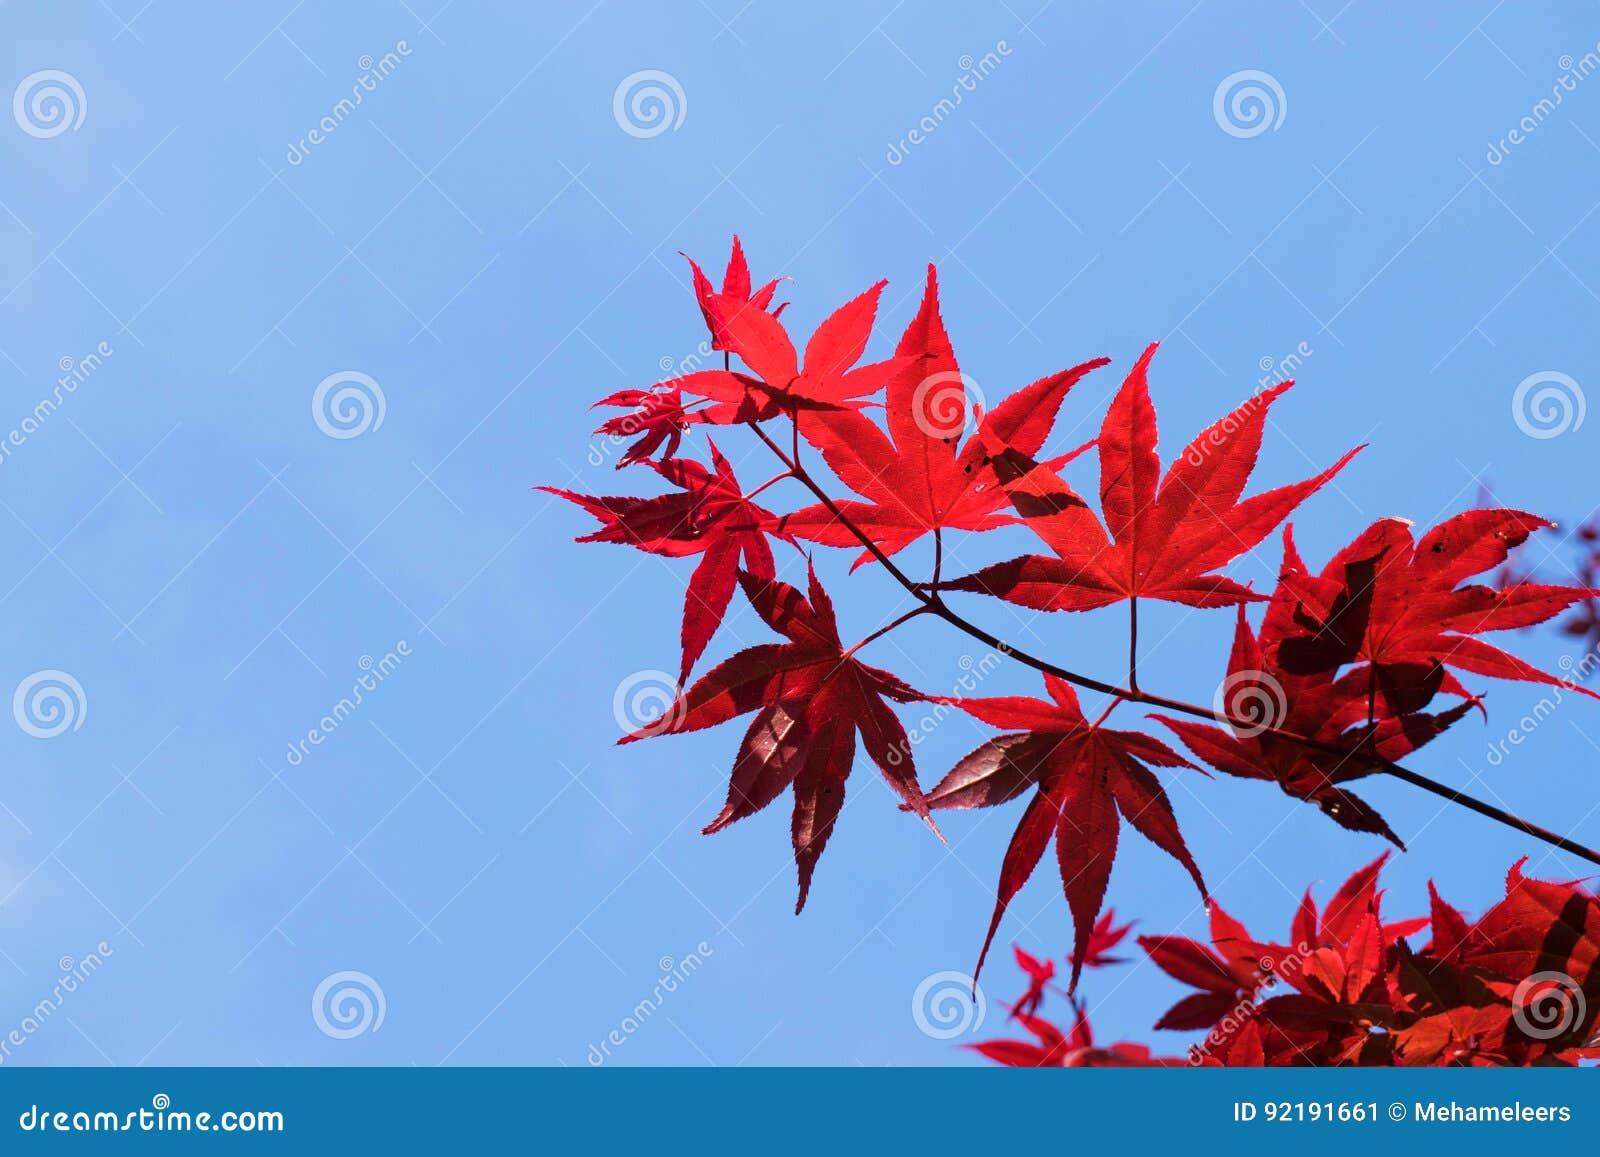 Acero Blu Giapponese albero di acero rosso giapponese con il fondo del cielo